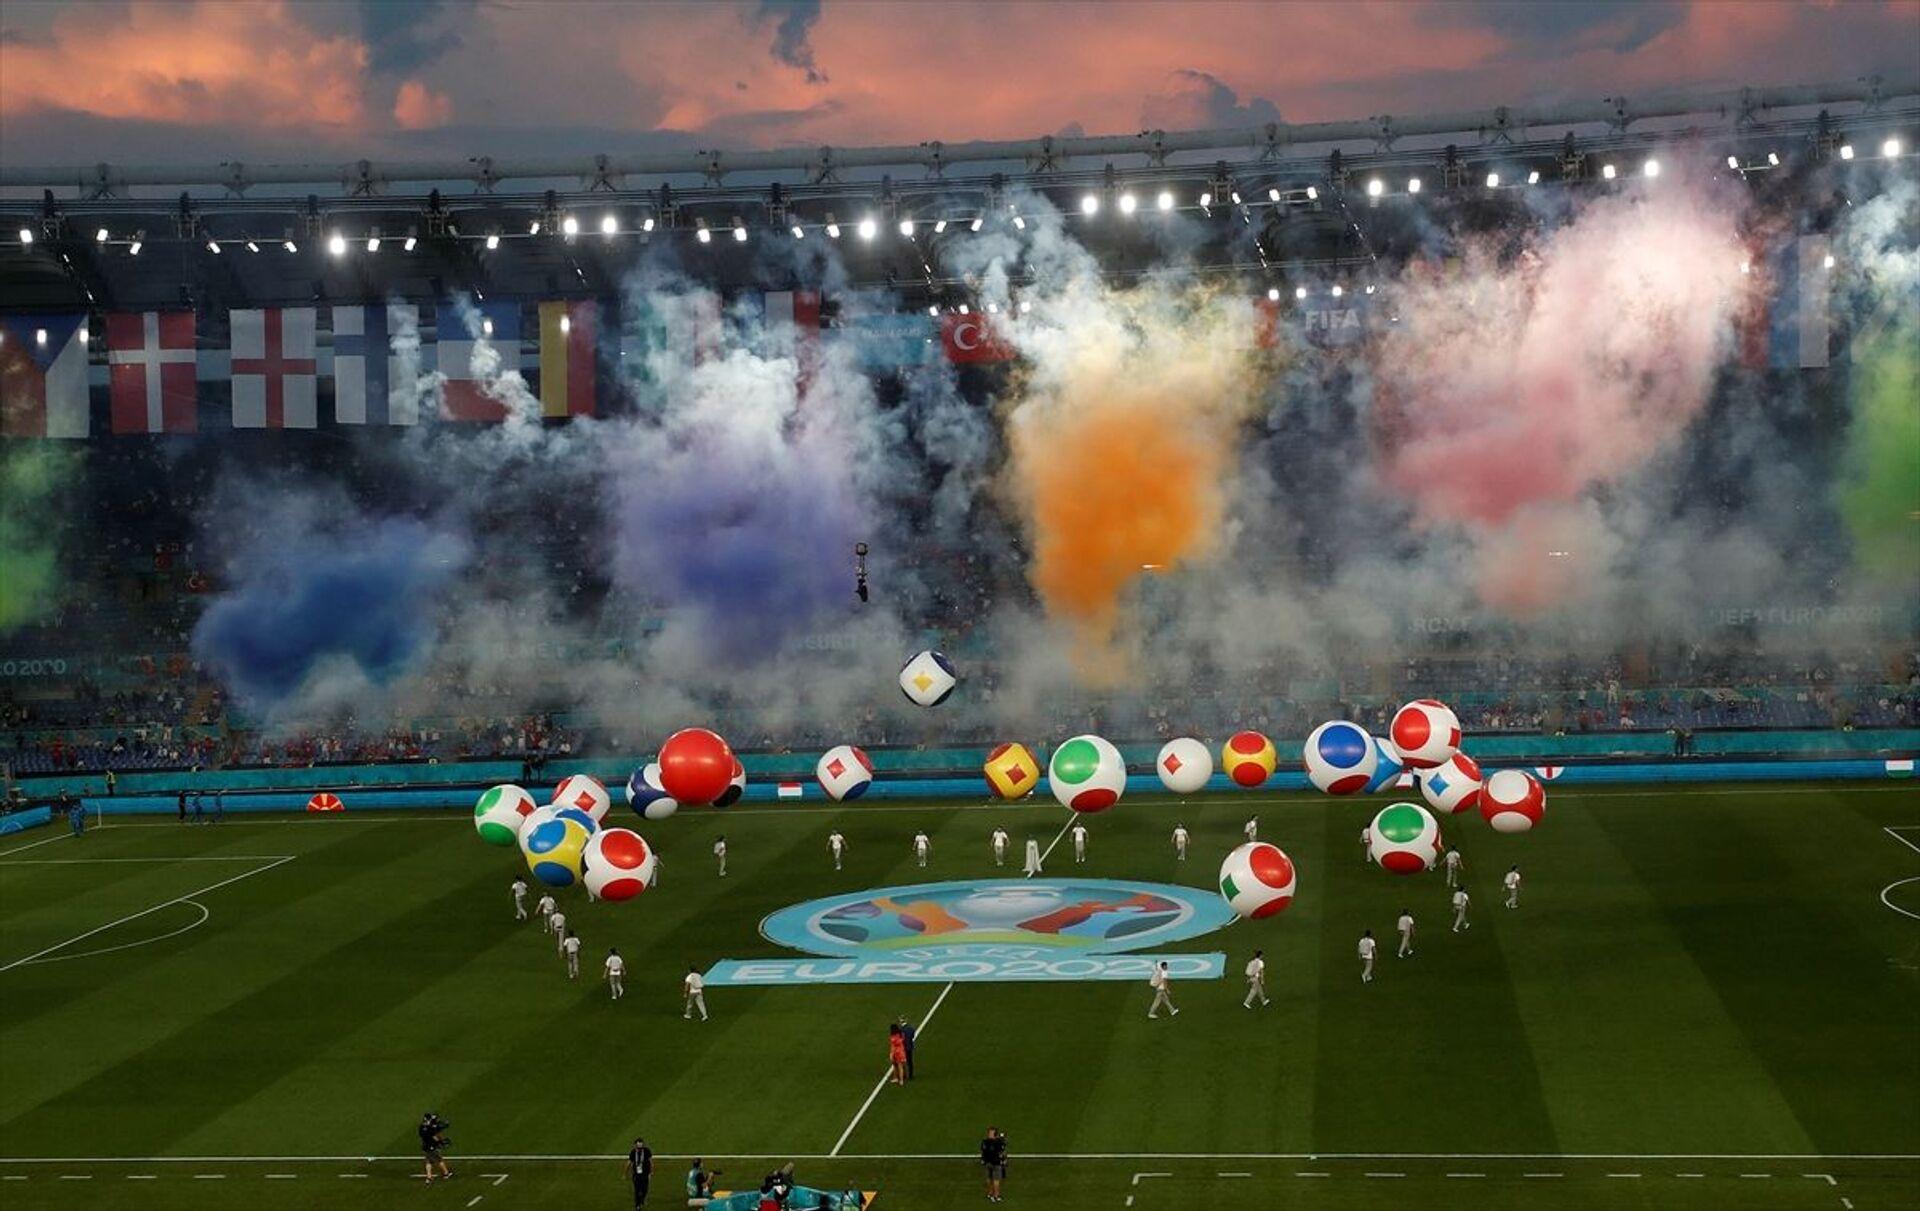 Türkiye A Milli Takımı ile İtalya milli takımı Roma şehrindeki Olimpiyat Stadı'nda karşı karşıya geldi. Turnuvanın açılış maçı olması nedeniyle karşılaşma öncesinde seremoni düzenlendi. - Sputnik Türkiye, 1920, 10.08.2021